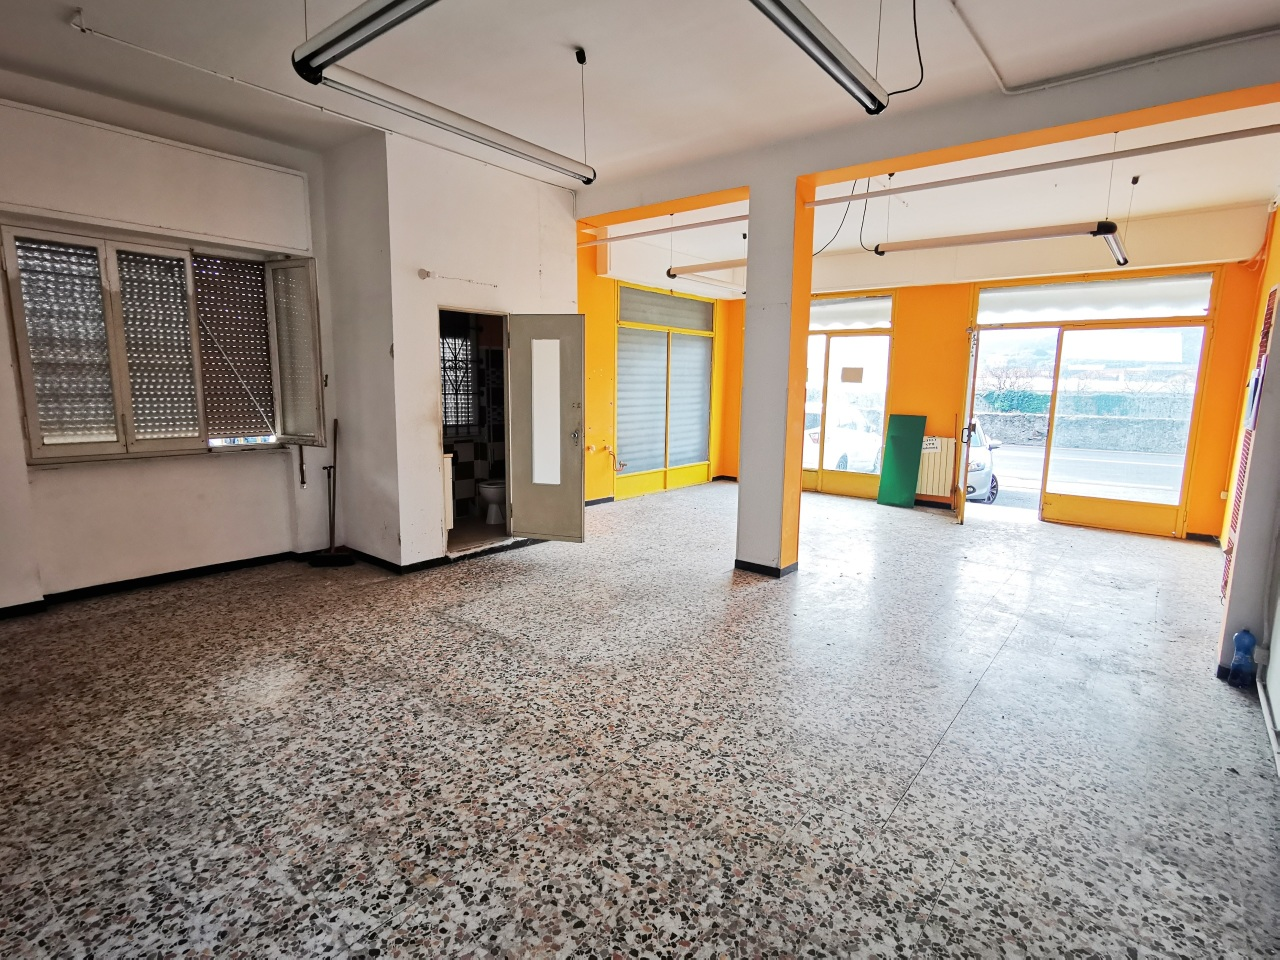 Negozio / Locale in affitto a Quiliano, 1 locali, prezzo € 650 | PortaleAgenzieImmobiliari.it